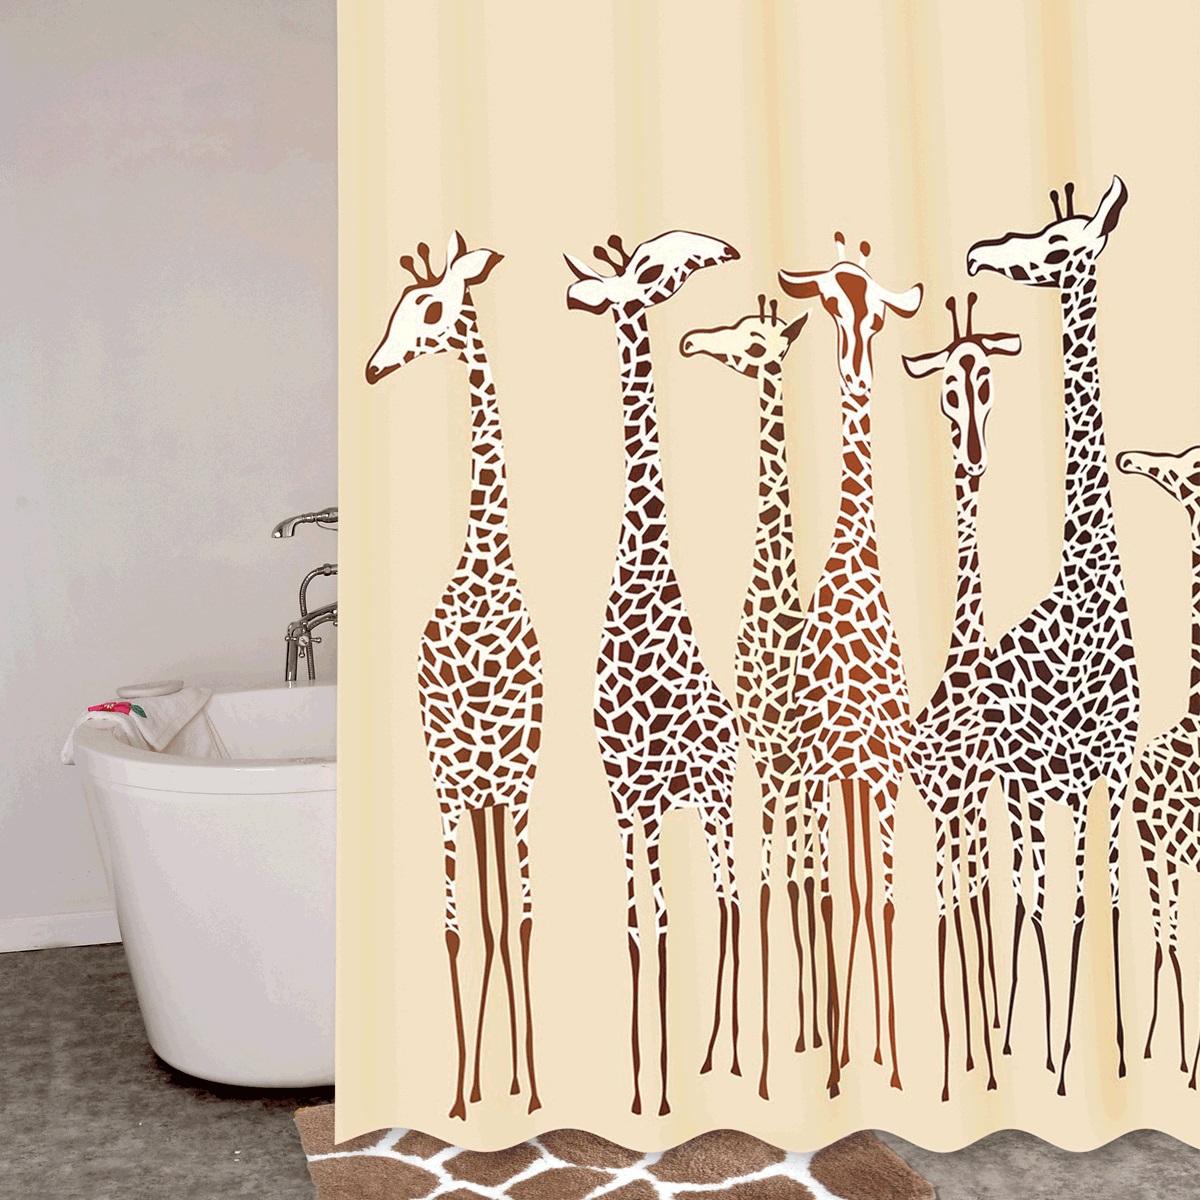 Штора для ванной Iddis Safari Friends, цвет: бежевый, коричневый, 180 x 200 см570P18Ri11Штора для ванной комнаты Iddis выполнена из быстросохнущего материала - 100% полиэстера, что обеспечивает прочность изделия и легкость ухода за ним.Материал шторы пропитан специальным водоотталкивающим составом Waterprof.Изделие изготовлено из экологически-чистого материала, оно обладает высокой степенью гигиеничности, не вызывает аллергических реакций.Штора имеет 12 встроенных колец и утяжеляющую нить.